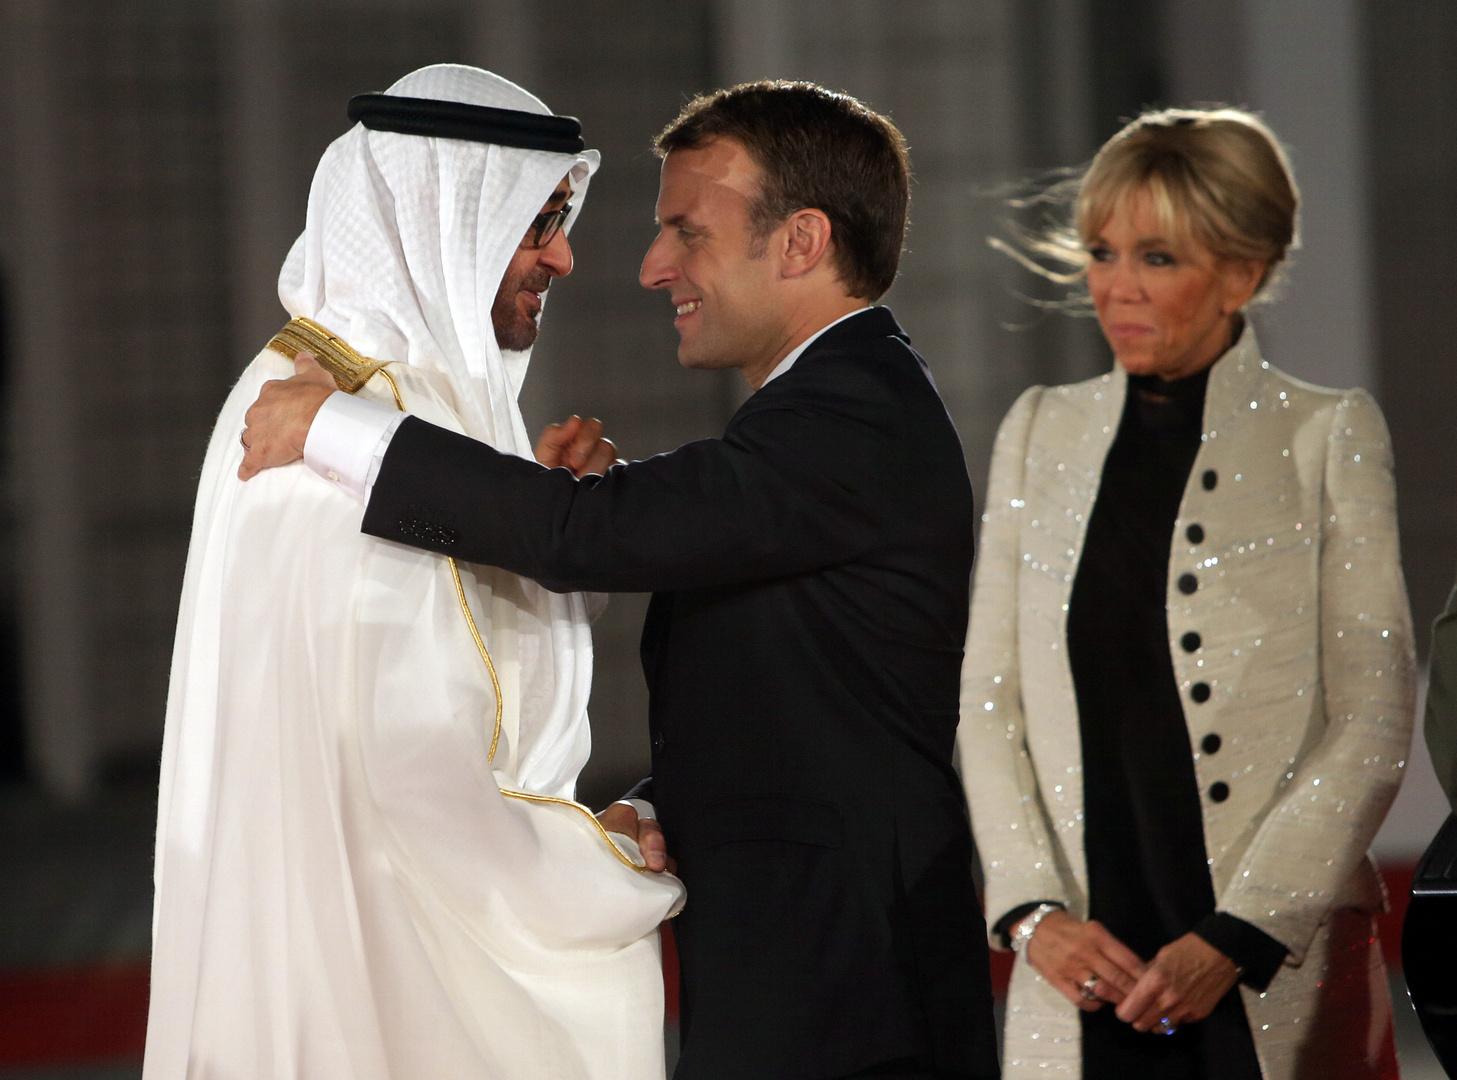 الرئيس الفرنسي، إيمانويل ماكرون، ولي عهد أبوظبي، الشيخ محمد بن زايد آل نهيان.